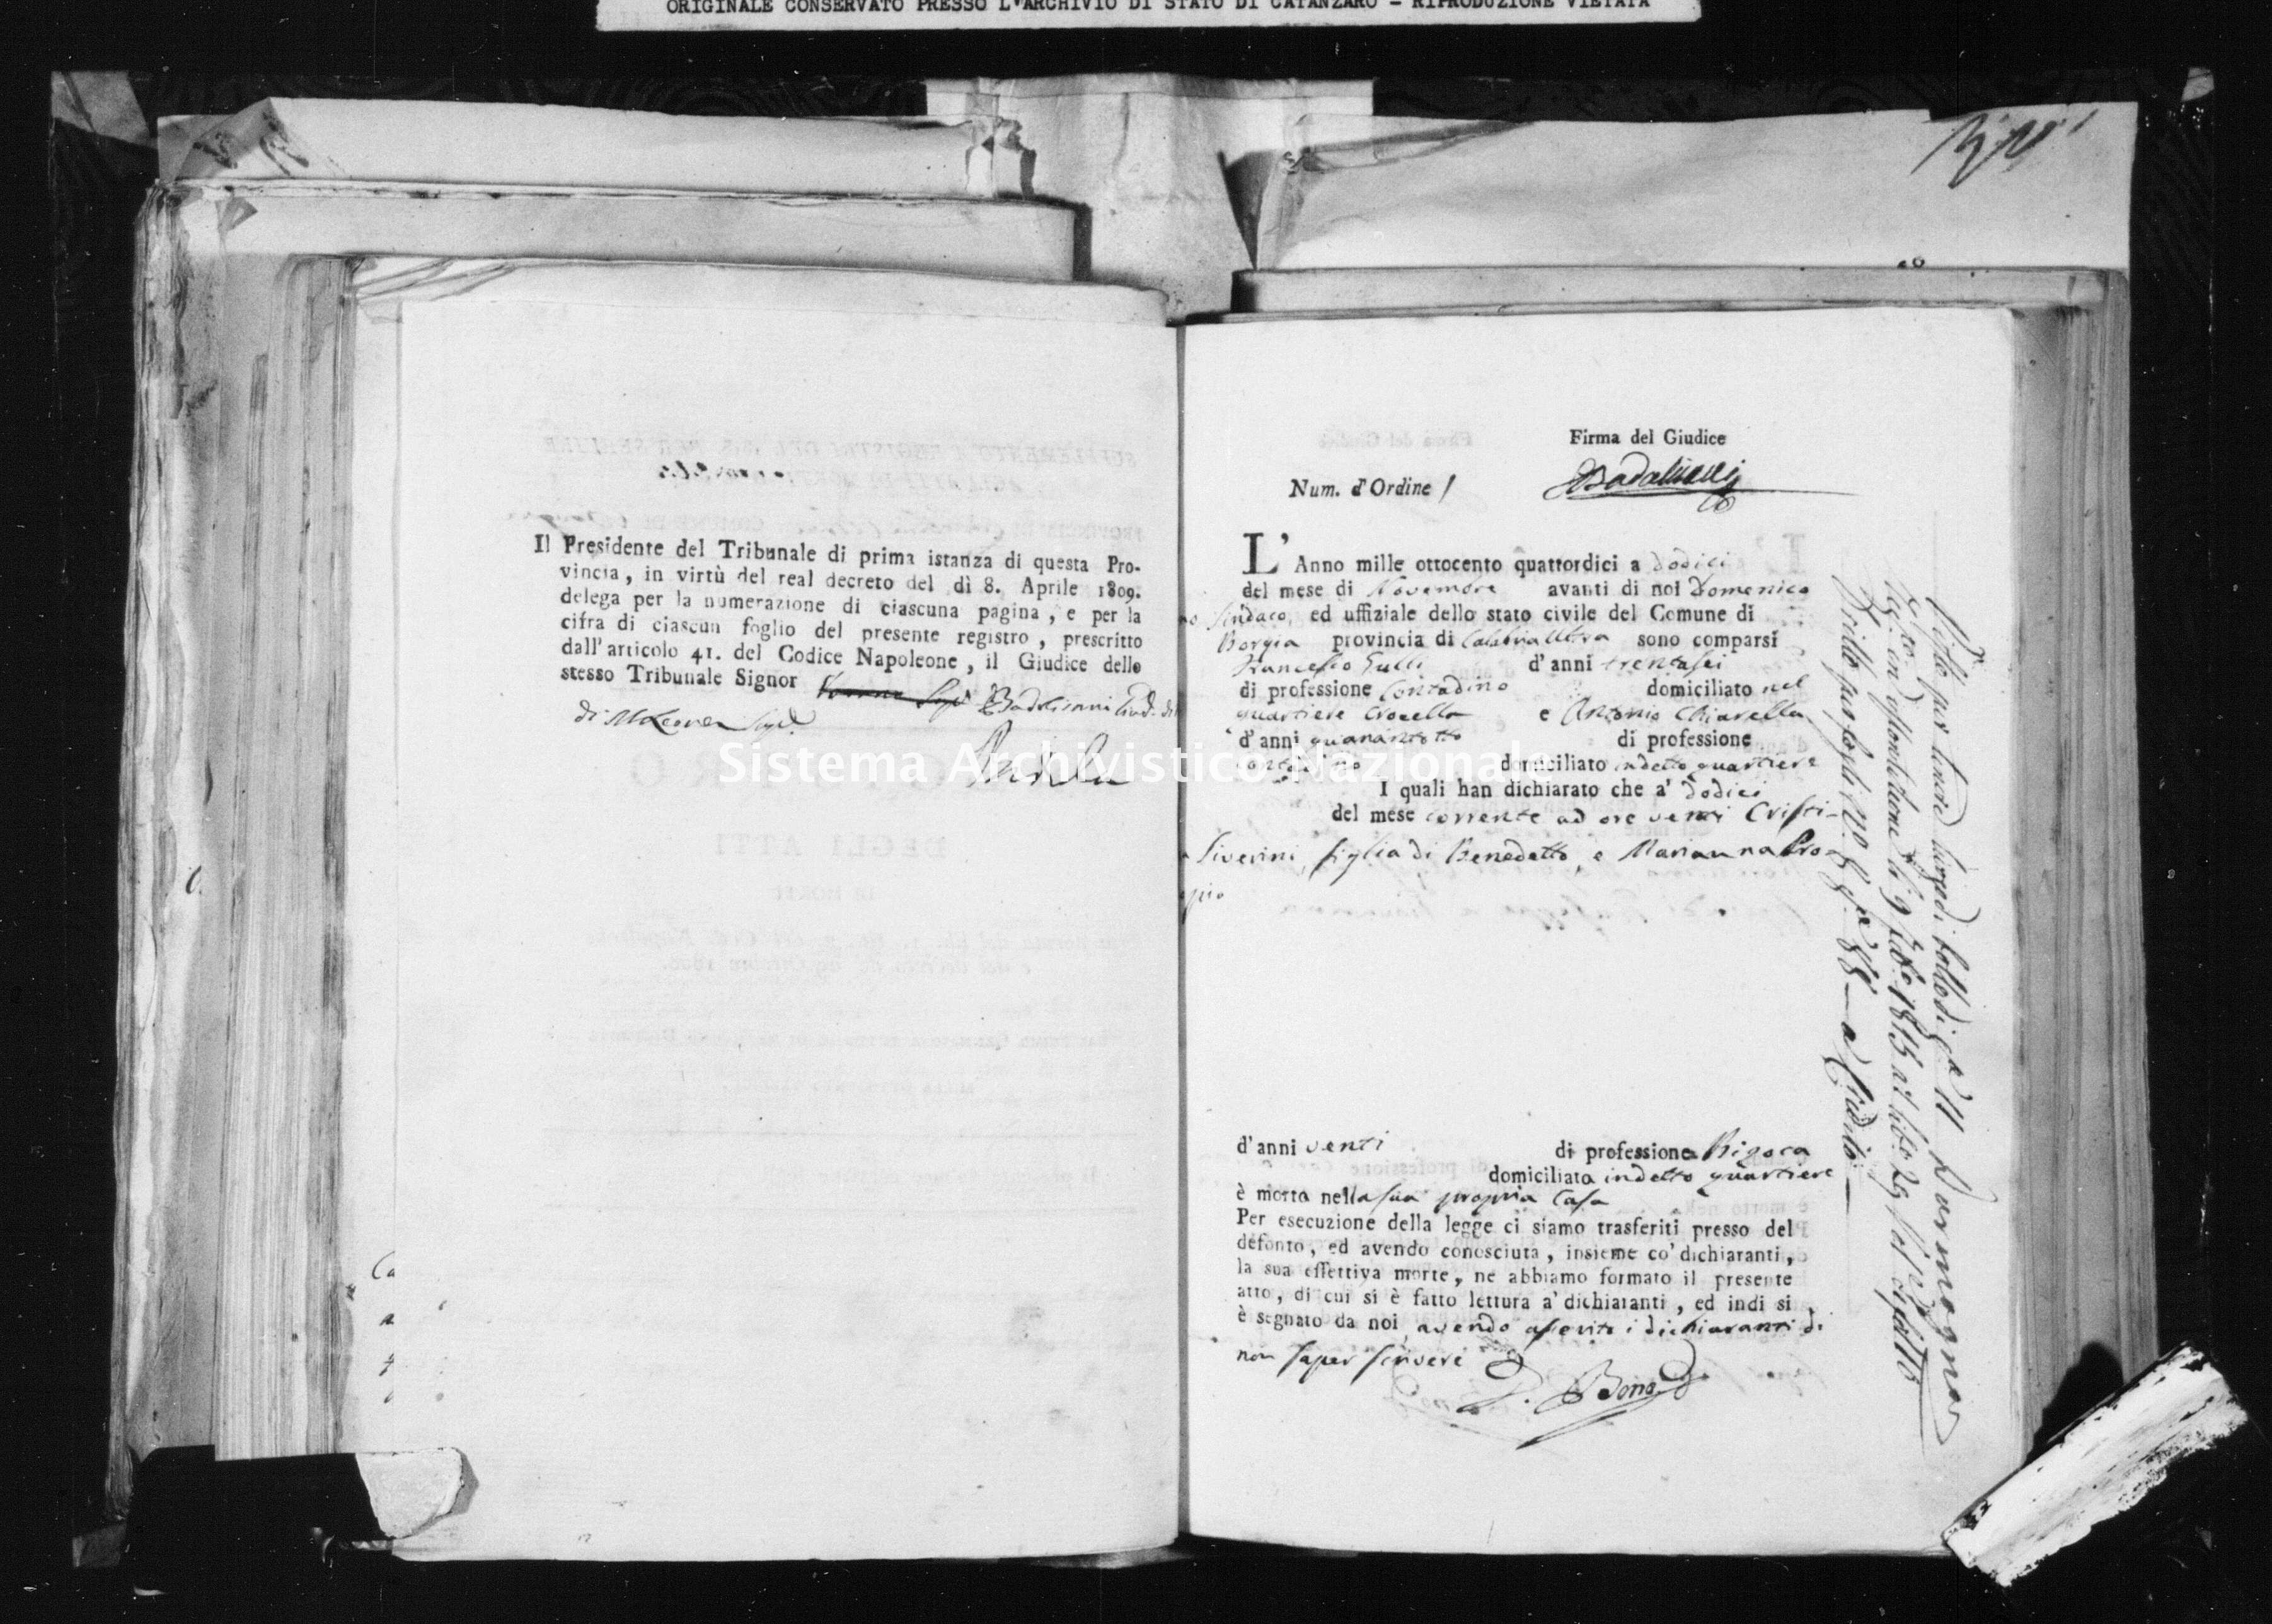 Archivio di stato di Catanzaro - Stato civile napoleonico - Borgia - Morti - 1814 -